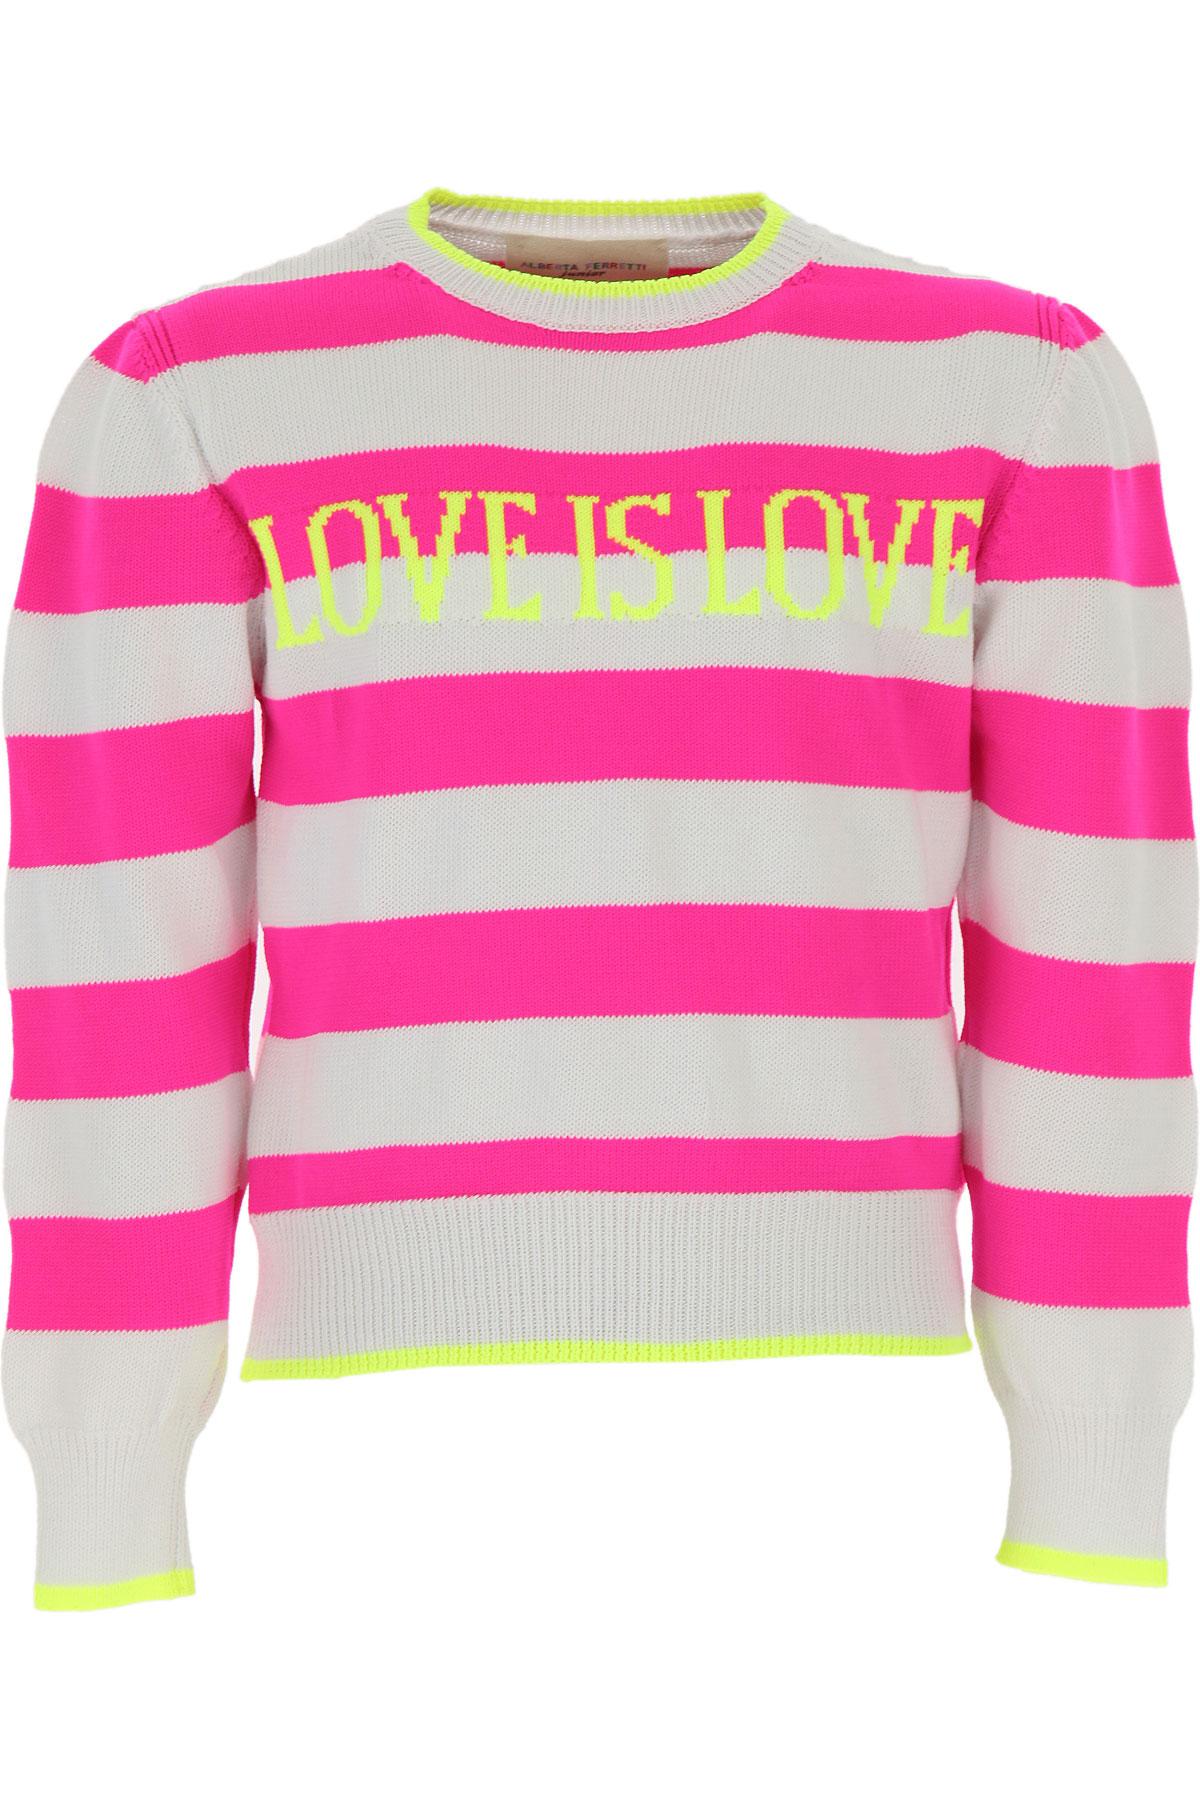 Alberta Ferretti Kids Sweaters for Girls On Sale, Fluo Fuchsia, Cotton, 2019, 10Y 12Y 14Y 4Y